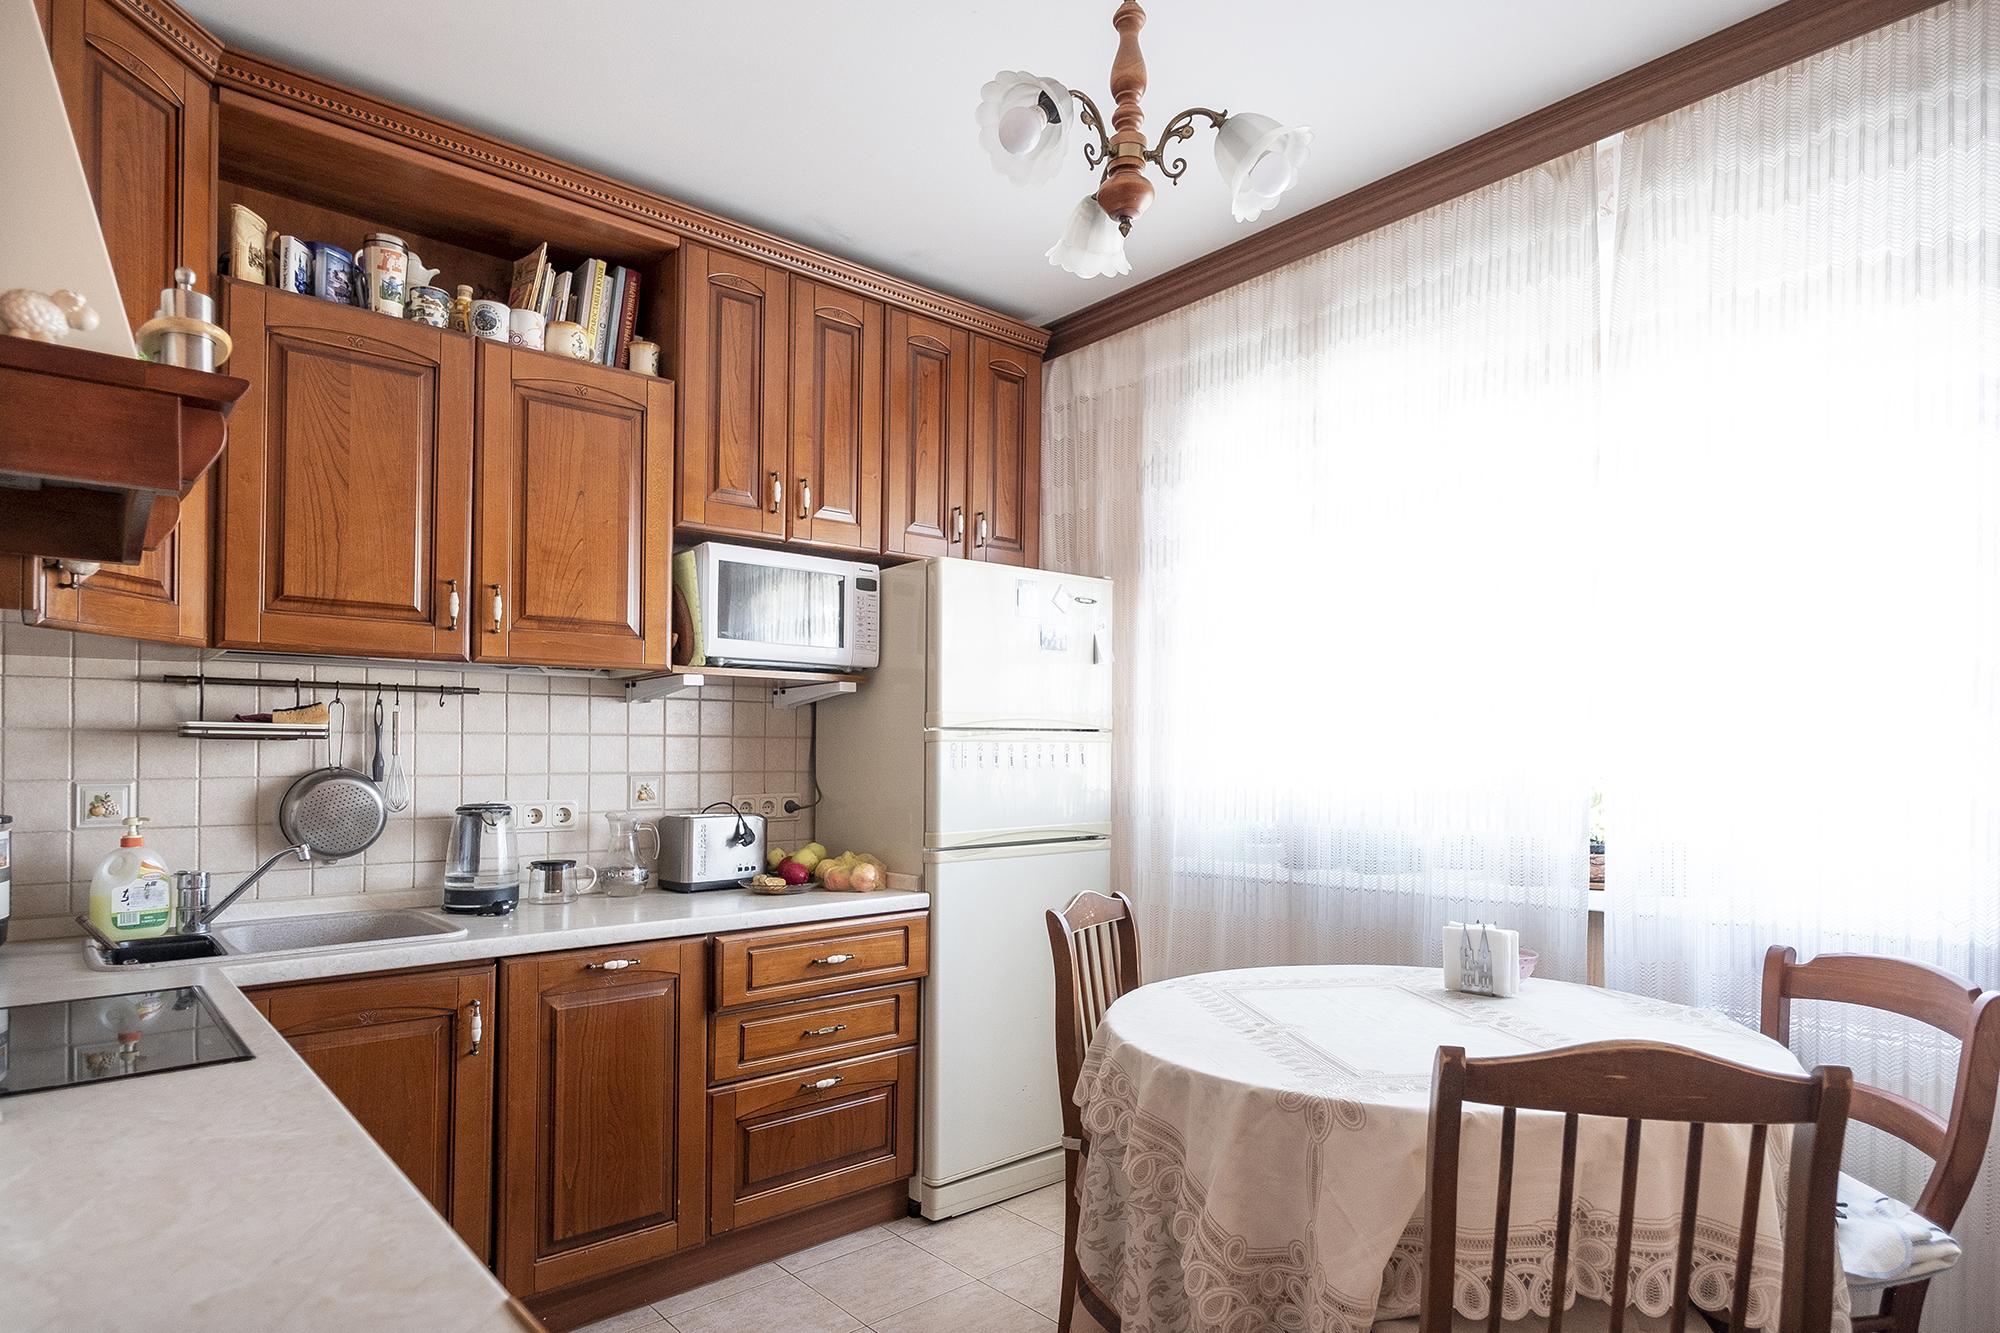 Вынужден продать родительскую квартиру